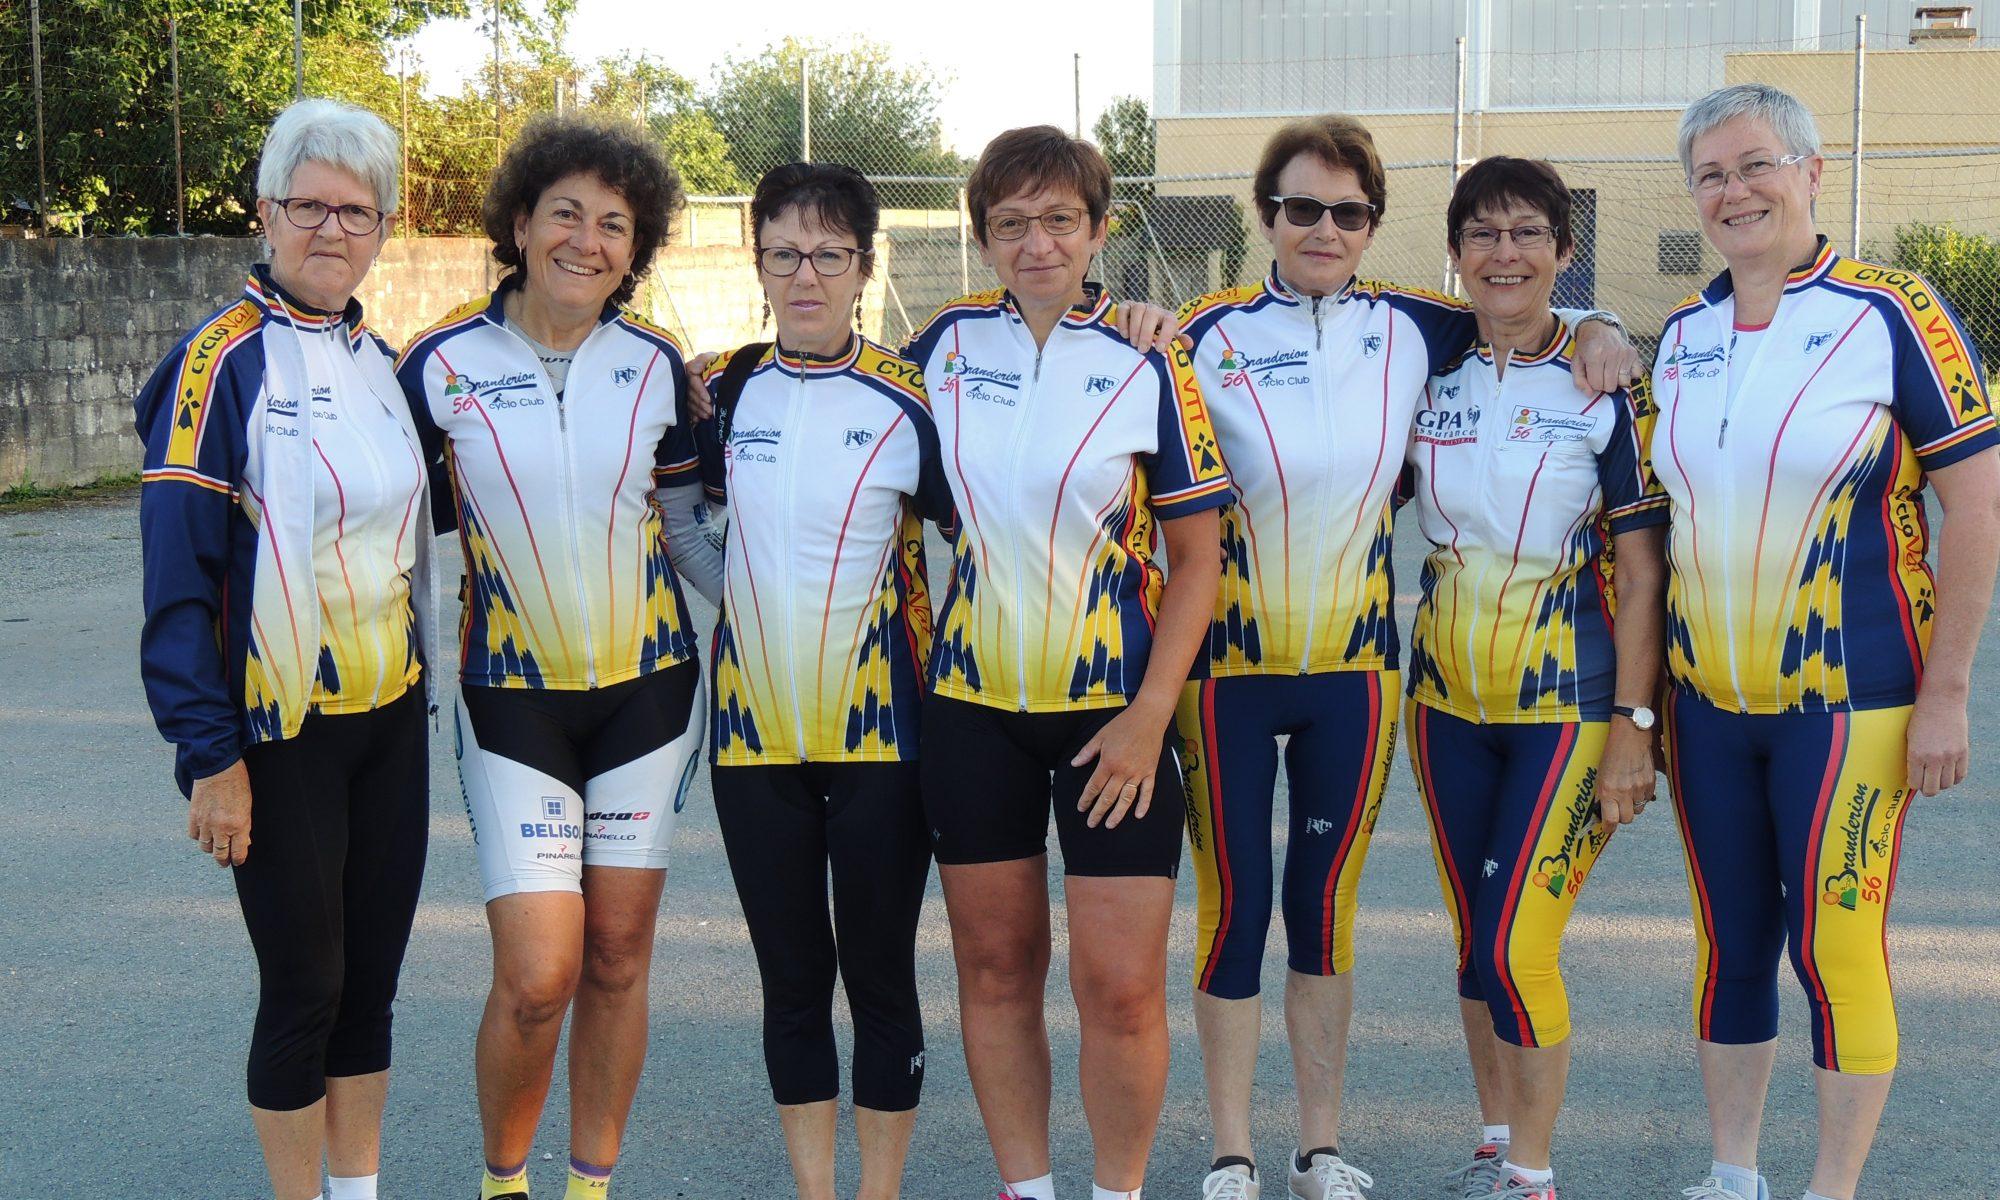 Cyclo Club de Branderion